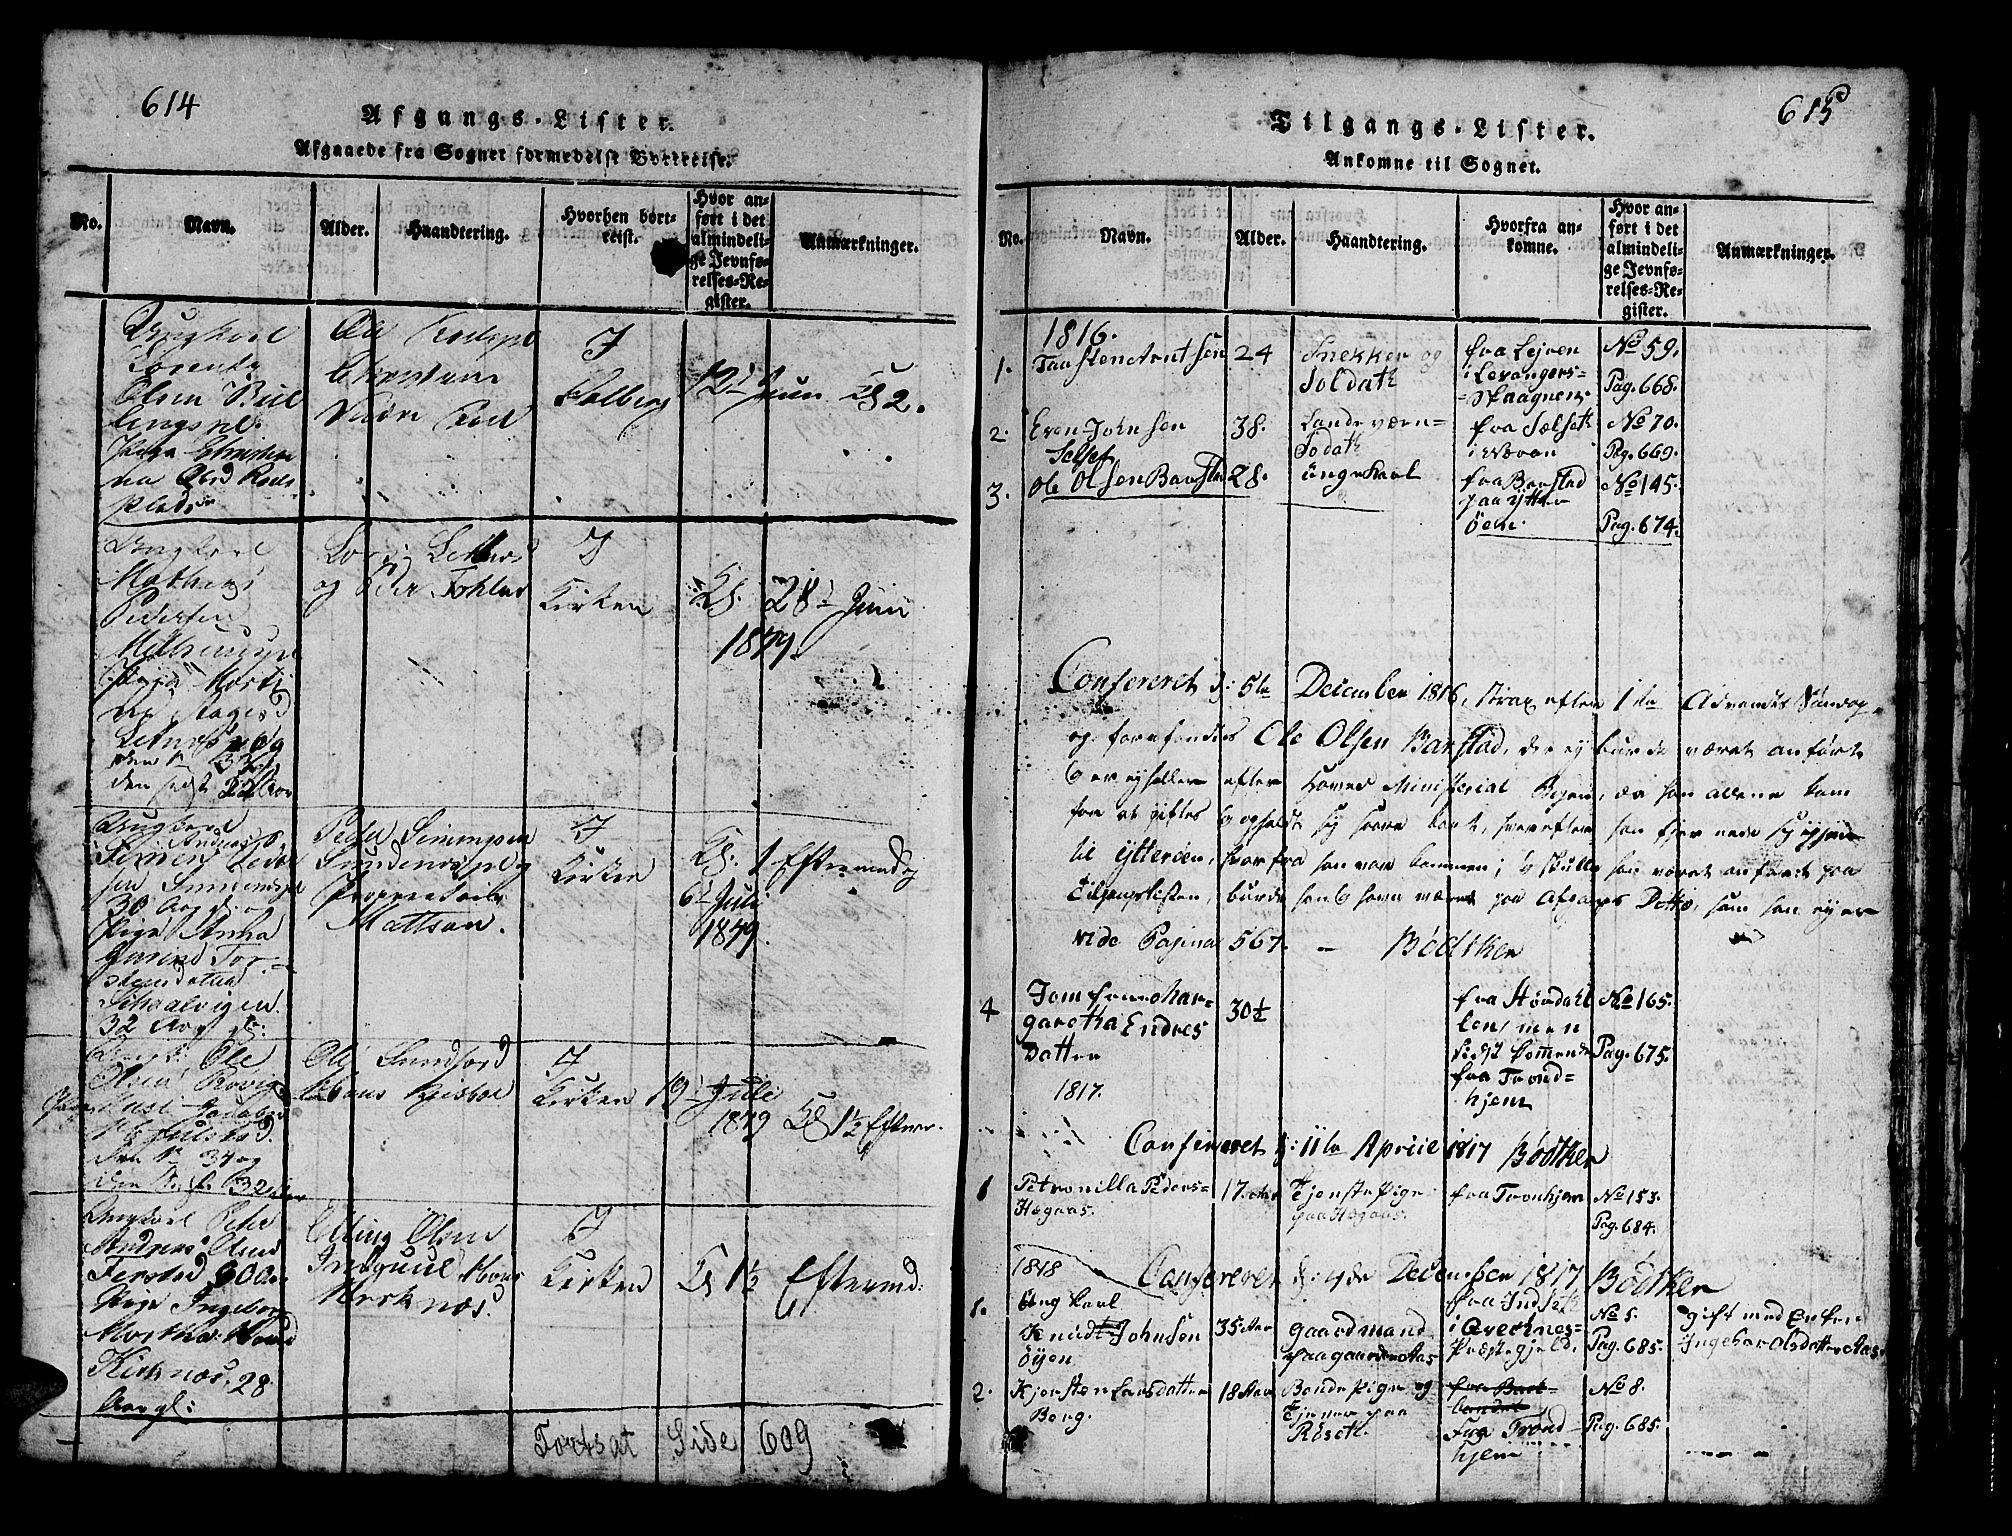 SAT, Ministerialprotokoller, klokkerbøker og fødselsregistre - Nord-Trøndelag, 730/L0298: Klokkerbok nr. 730C01, 1816-1849, s. 614-615